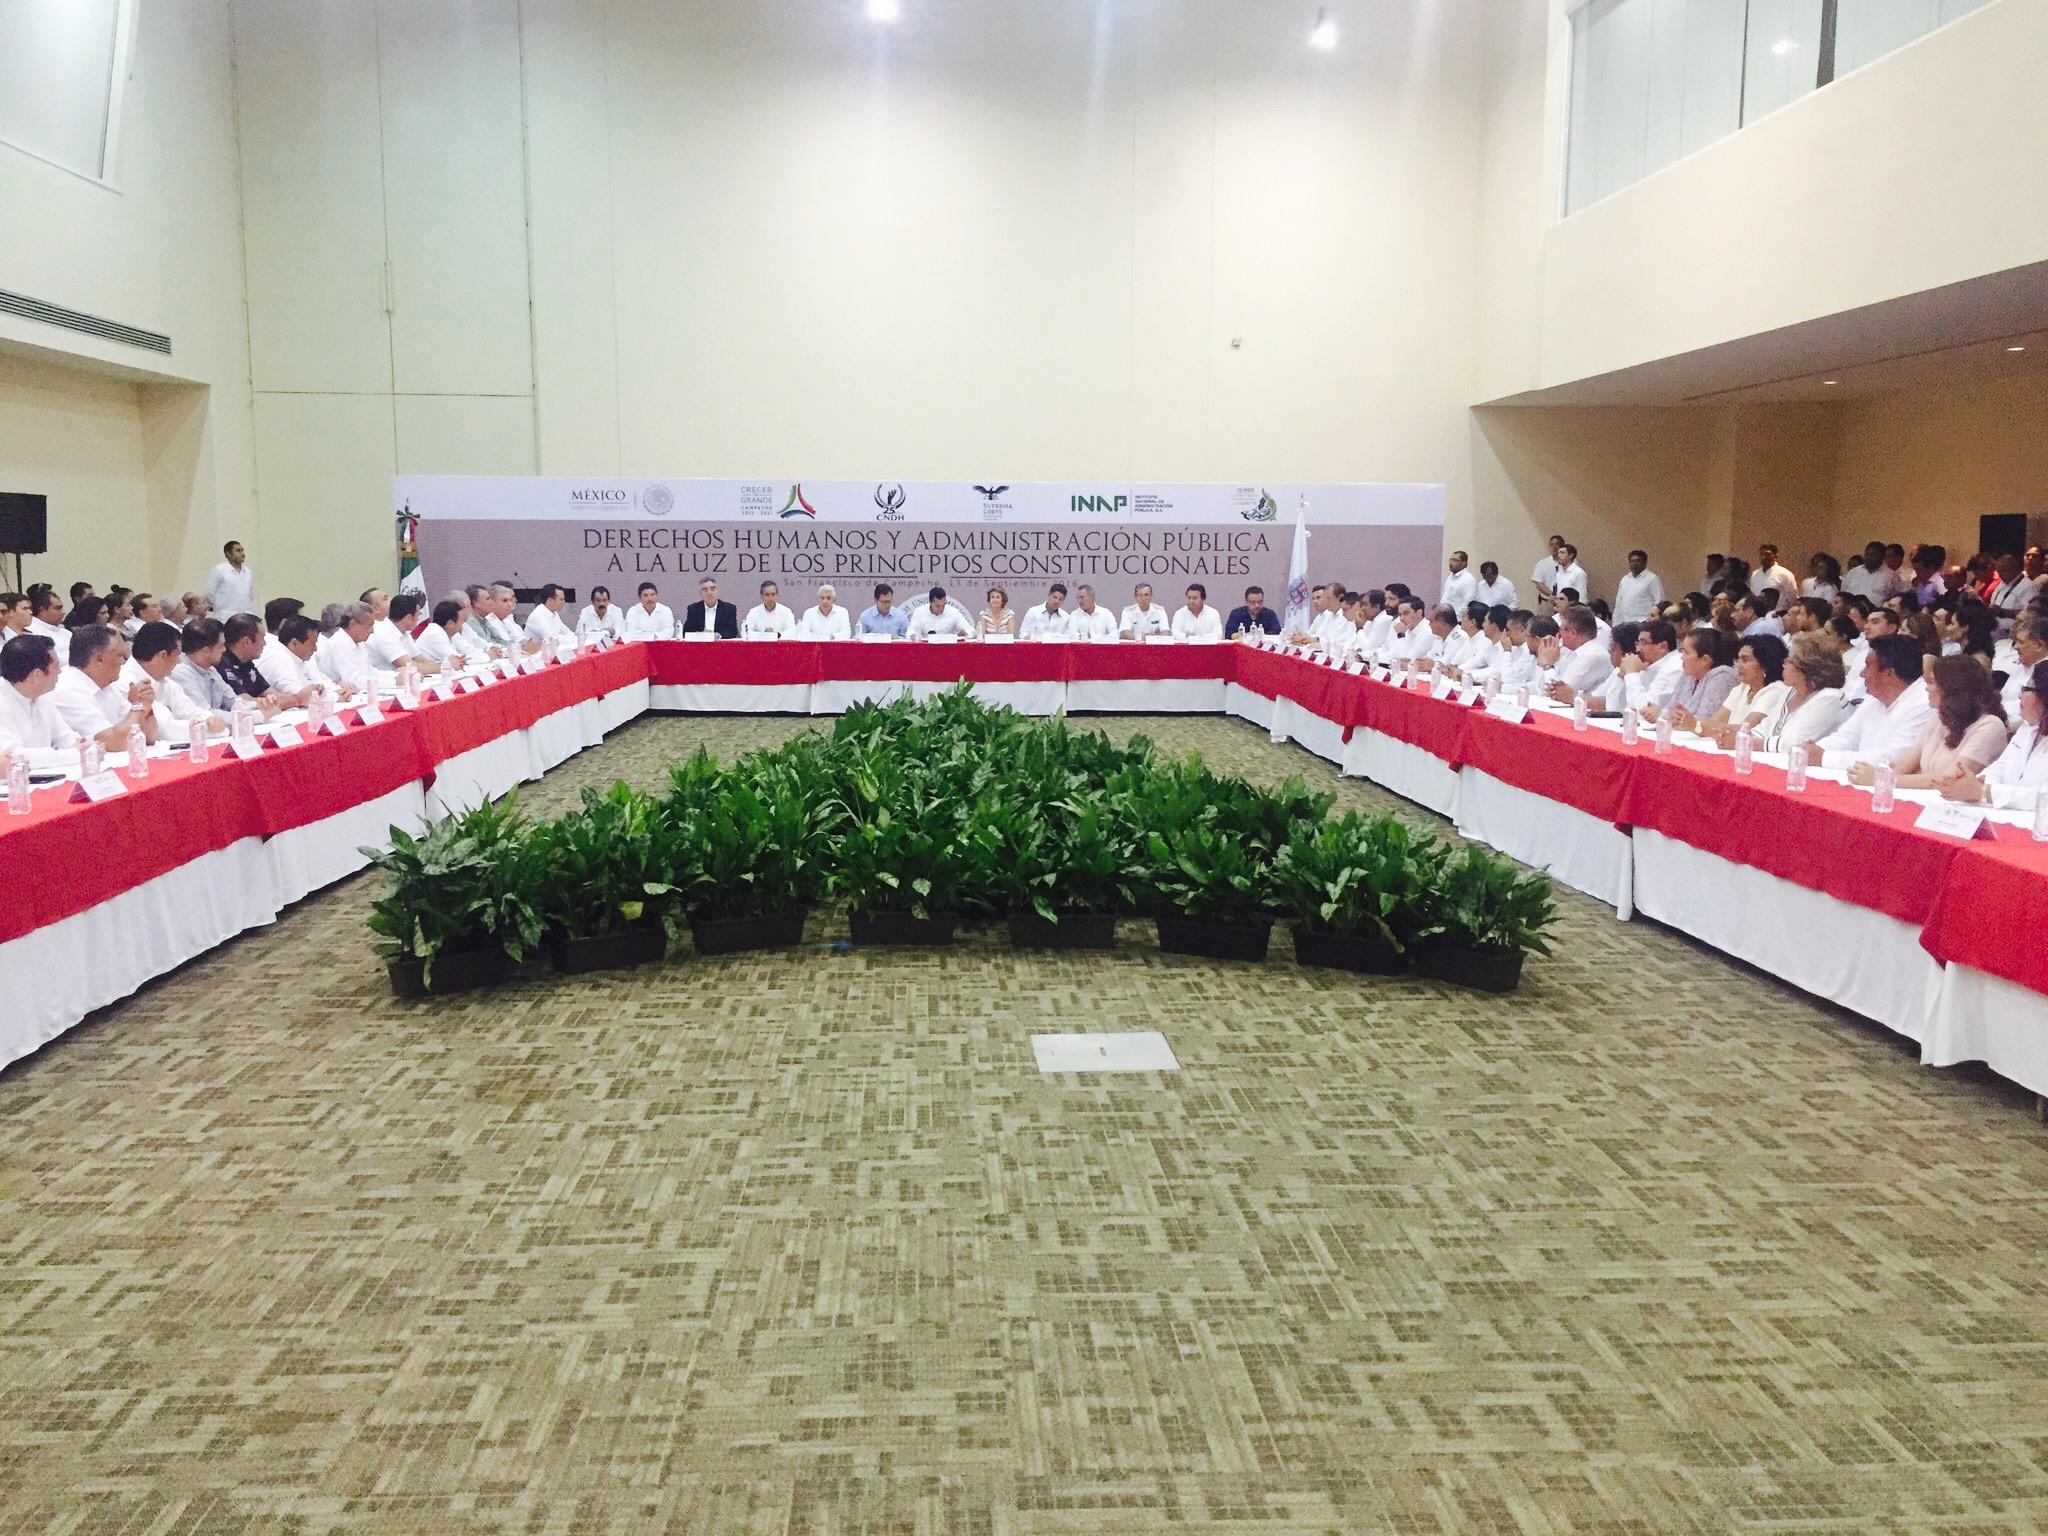 """Inauguración del Seminario """"Derechos Humanos y Administración Pública a la Luz de los Principios Constitucionales"""", que se llevó a cabo en el estado de Campeche el 13 de septiembre de 2016."""